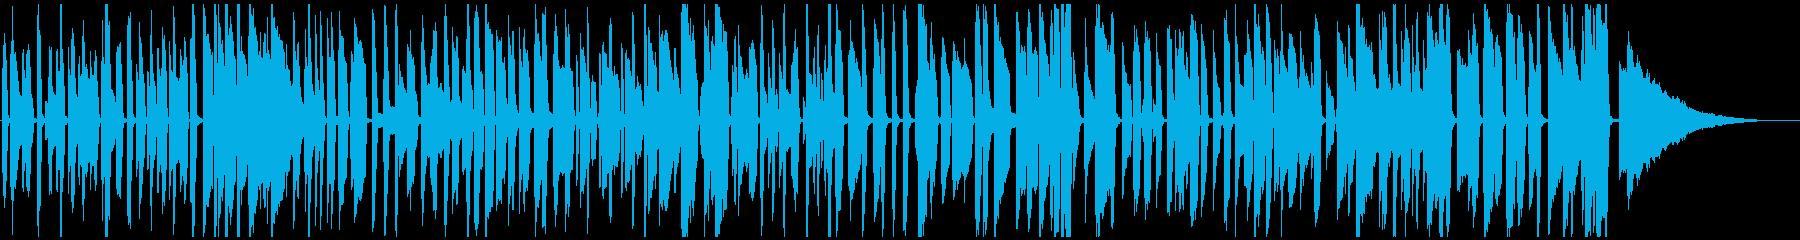 おしゃれピアノジャズ 楽しい料理映像等(ソロ)の再生済みの波形